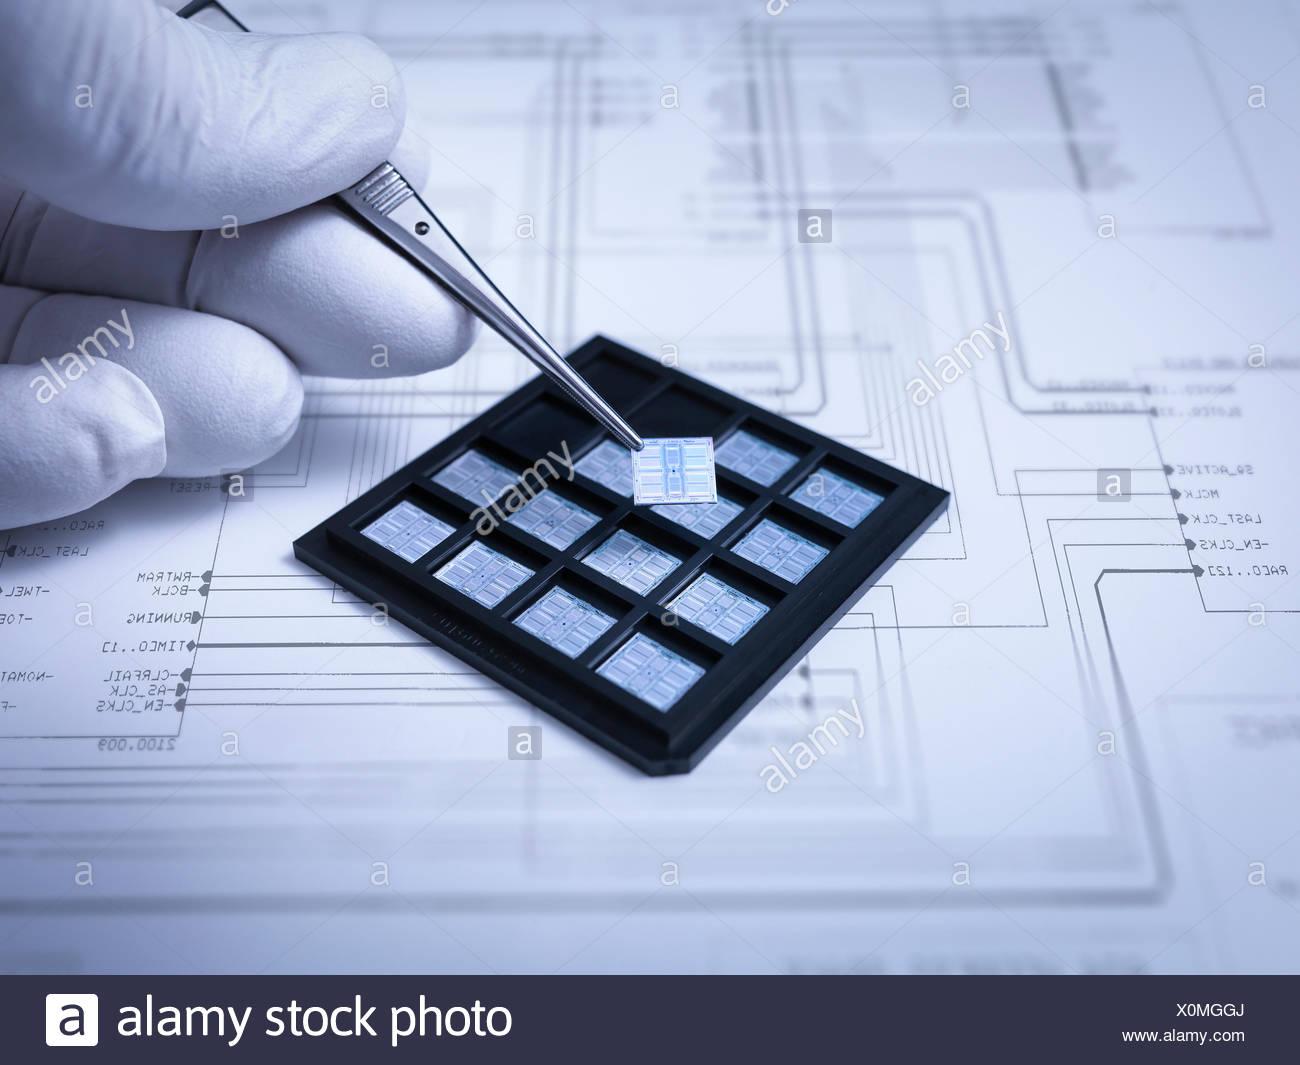 Kleine elektronische Chips statt in einer Pinzette im Labor, Nahaufnahme Stockbild